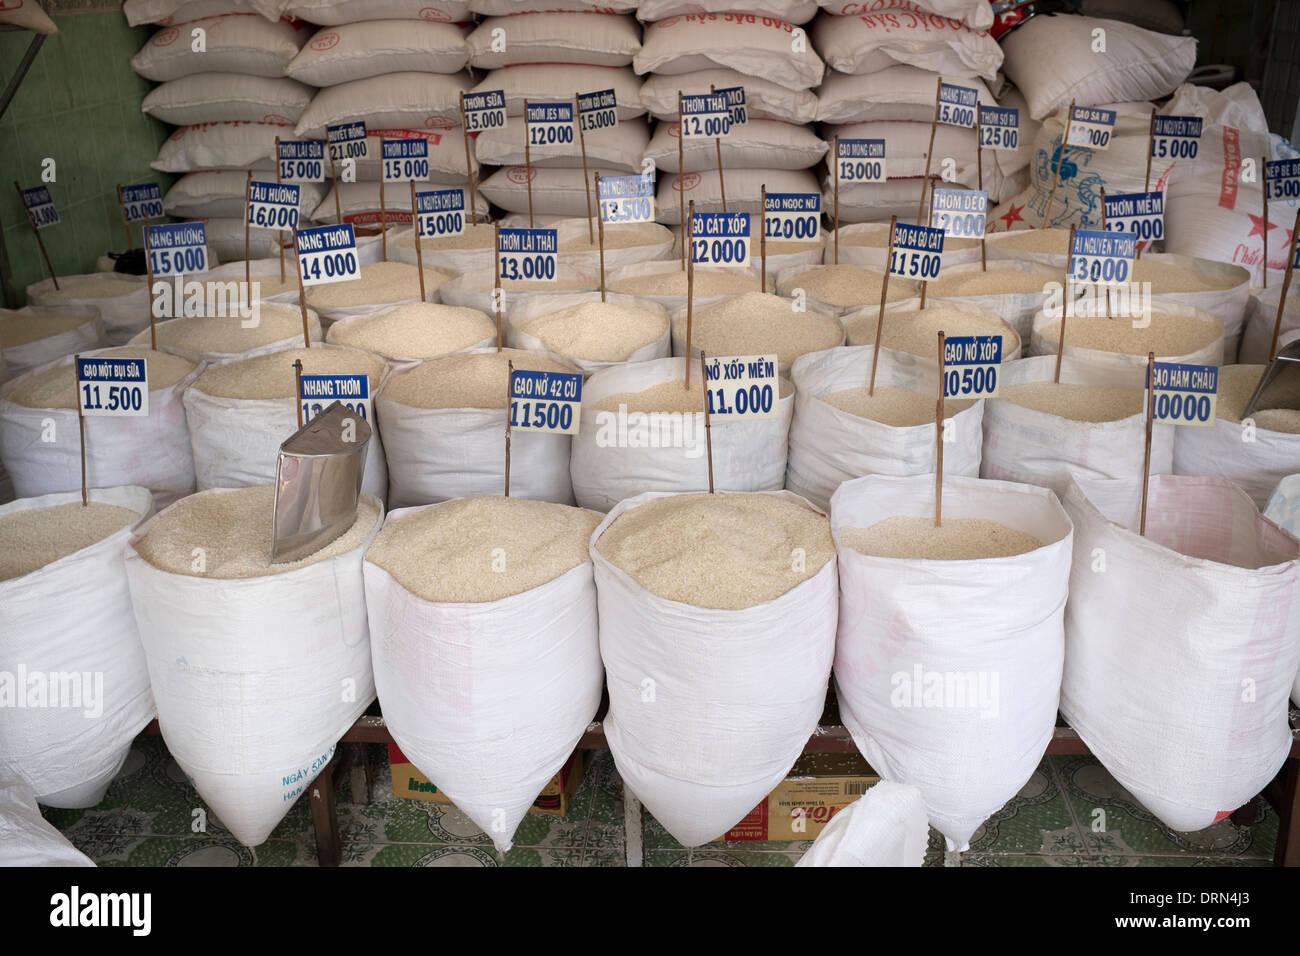 Sacks of Rice for Sale in Vietnam - Stock Image